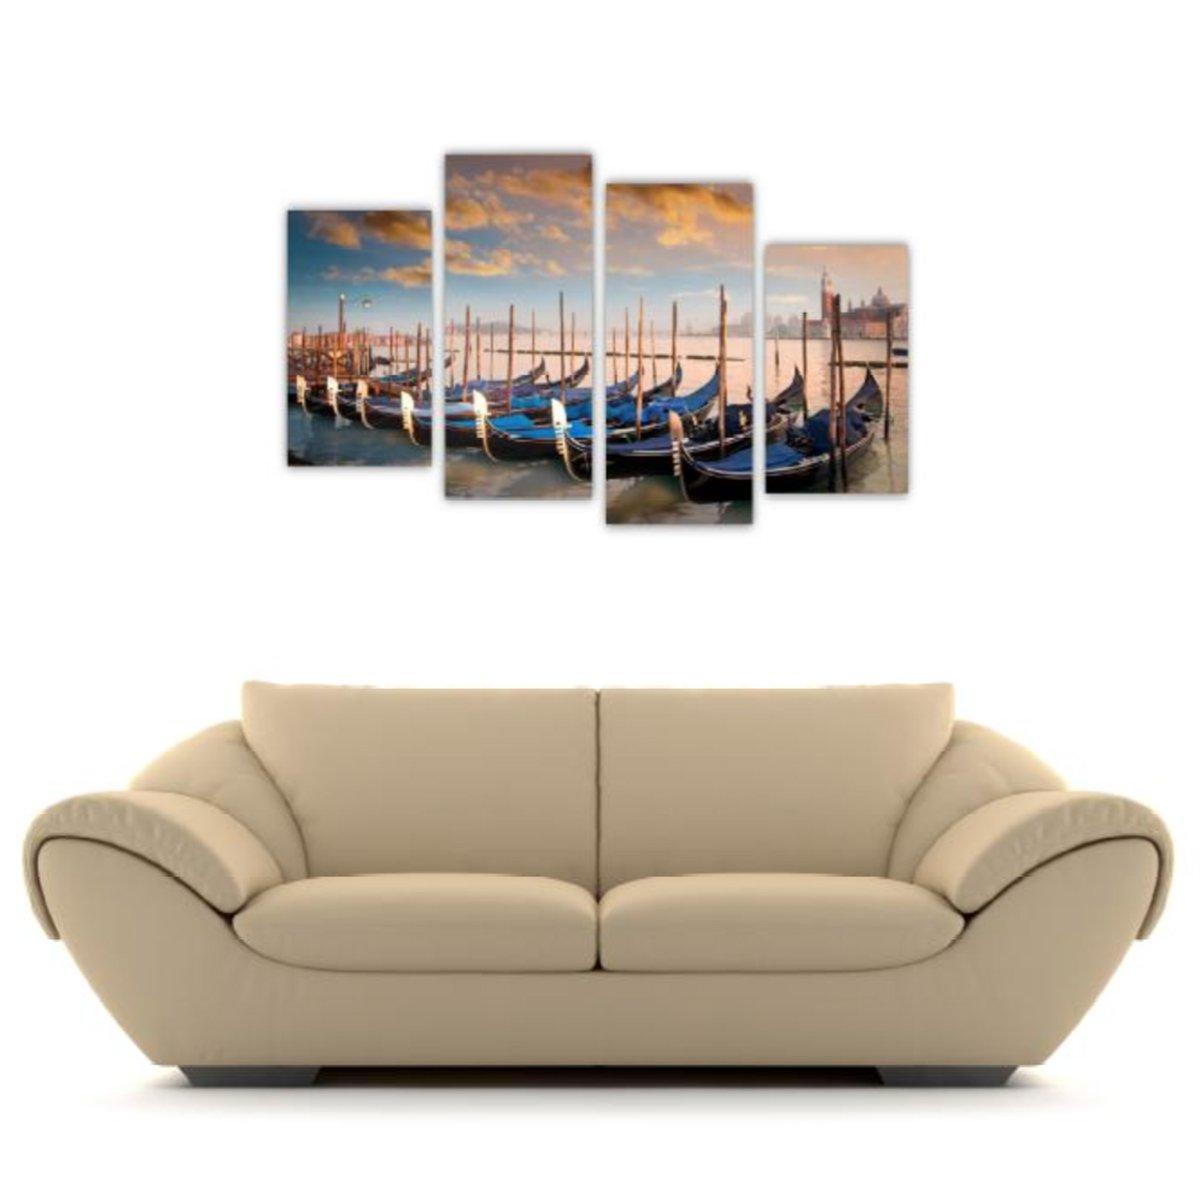 4pc Canvas Wall Art Set Arthauz Venice Italy Gondolas Prestretched Print BW63776